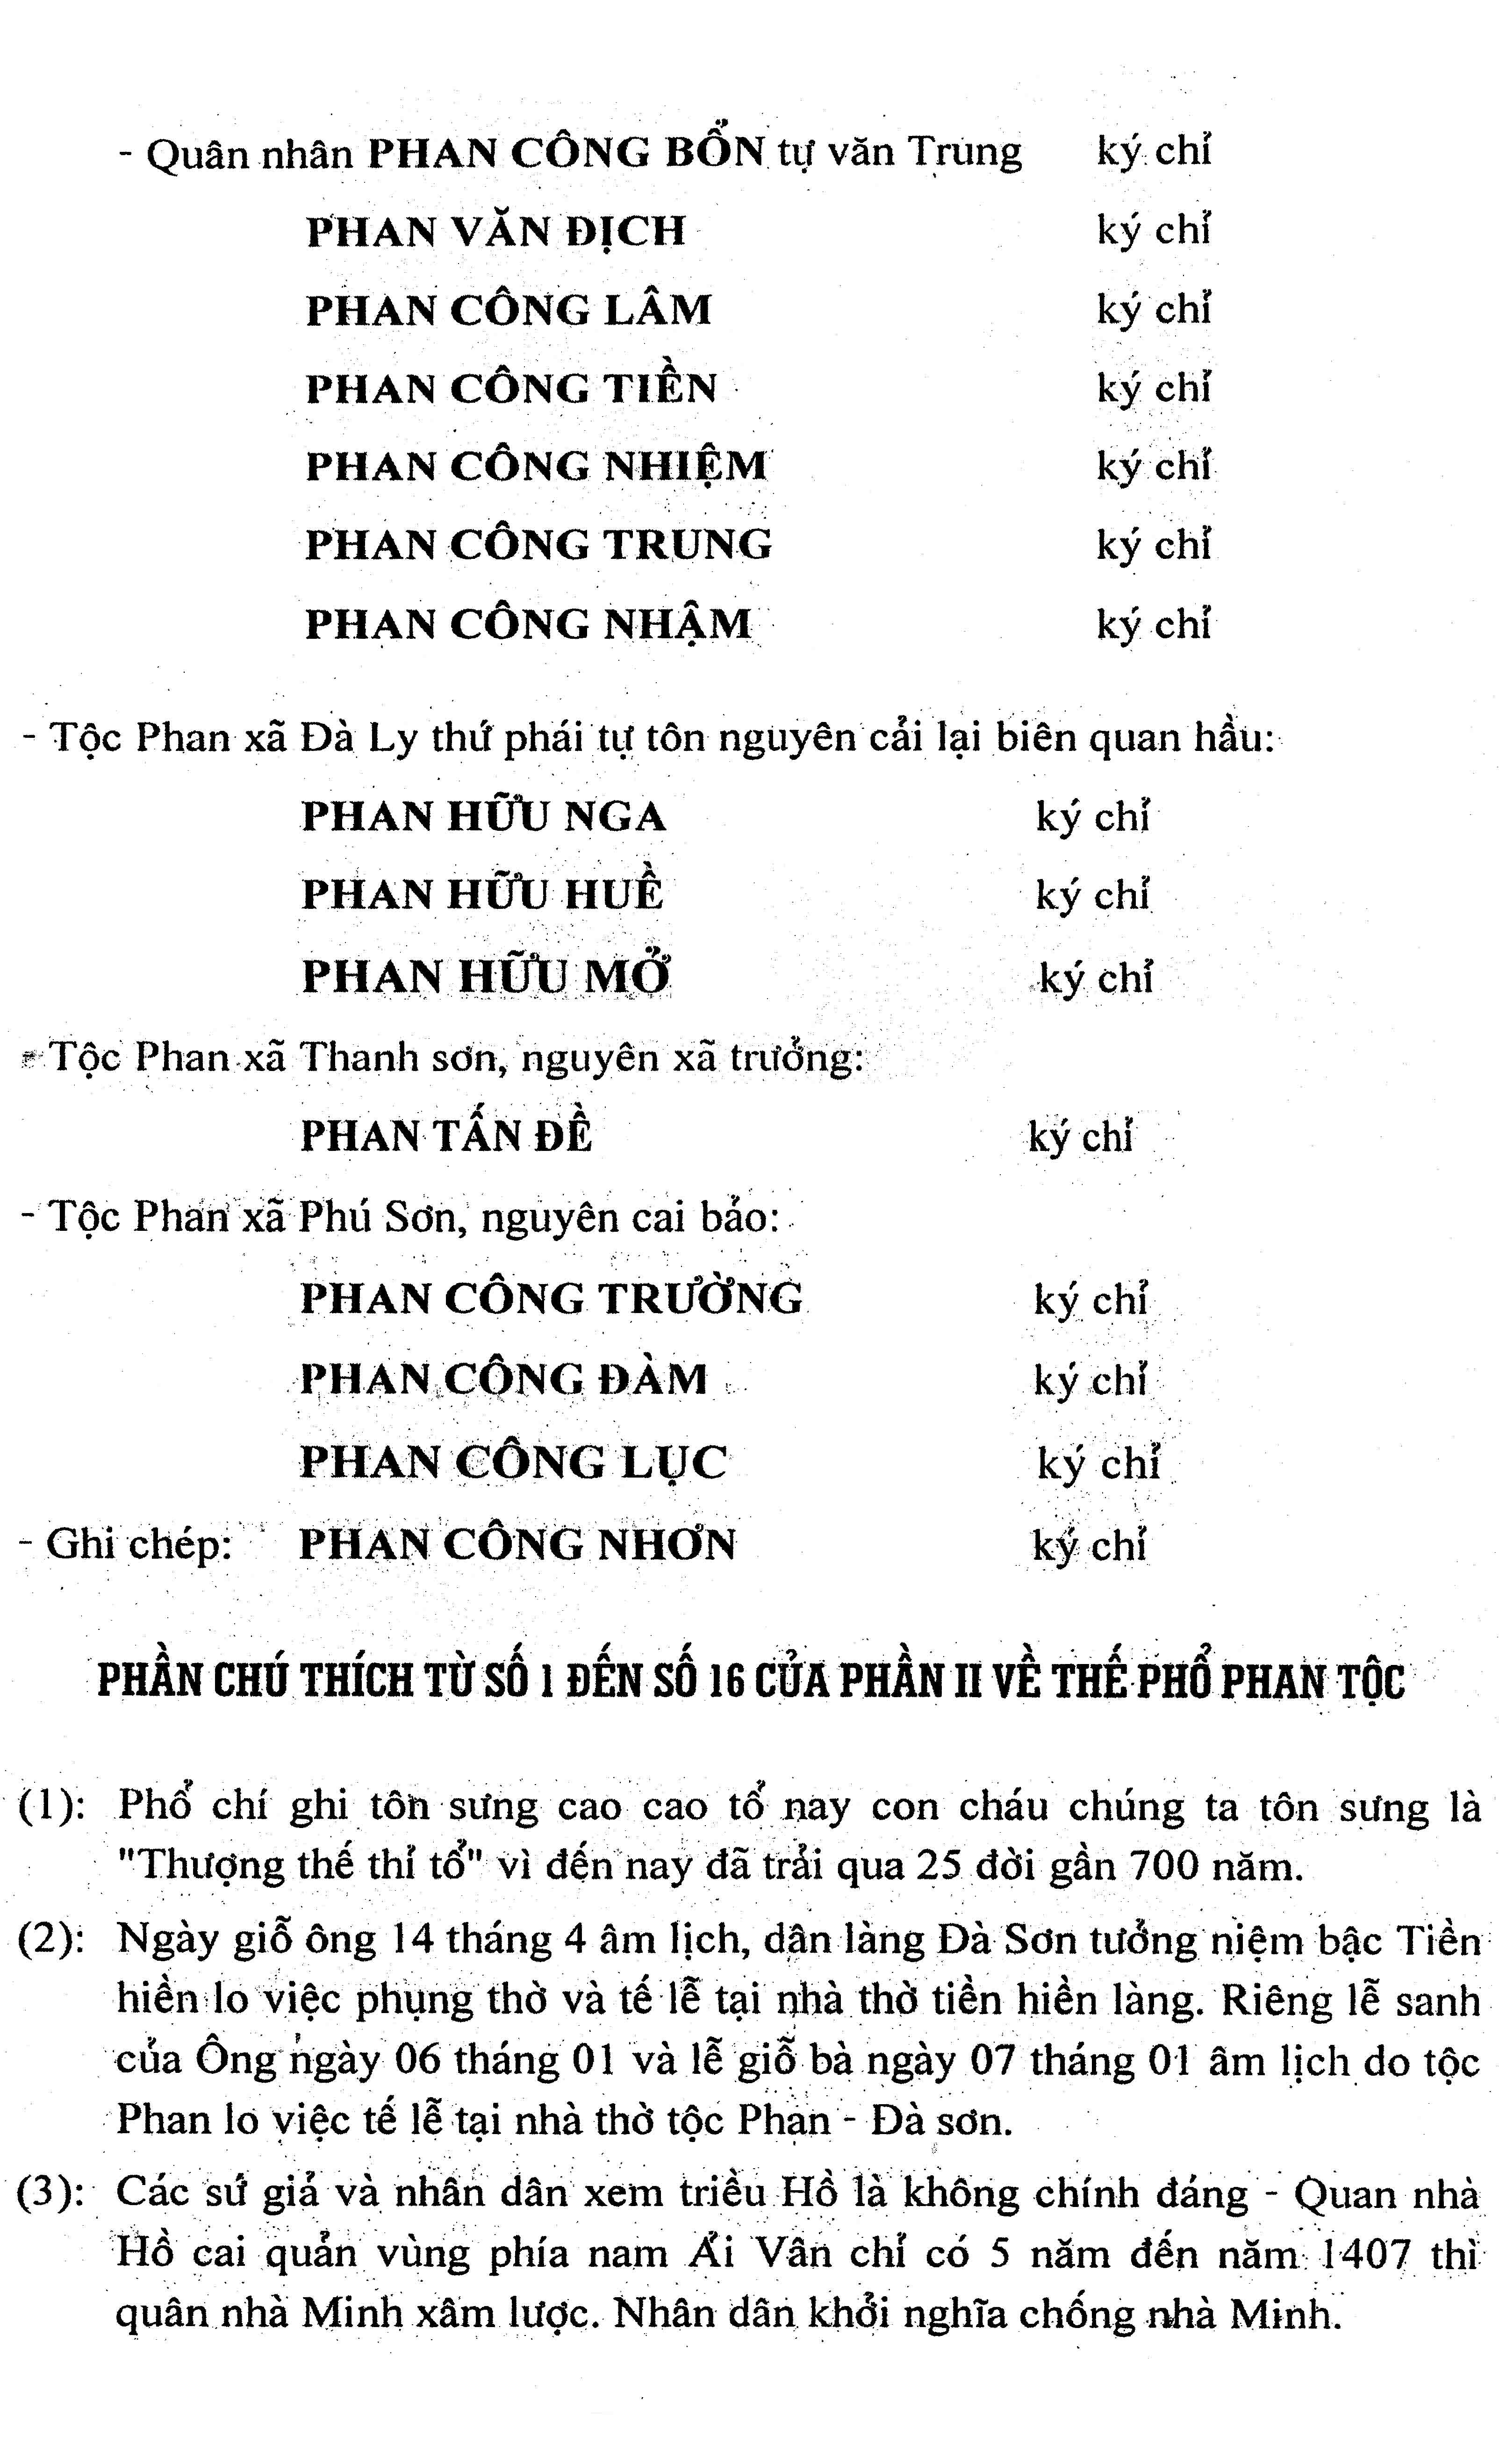 20 - Miền tháp cổ - Tác giả Vũ Hùng - Kỳ 10 - Phan tộc phổ chí Đà Sơn - Đà Ly nhị xã